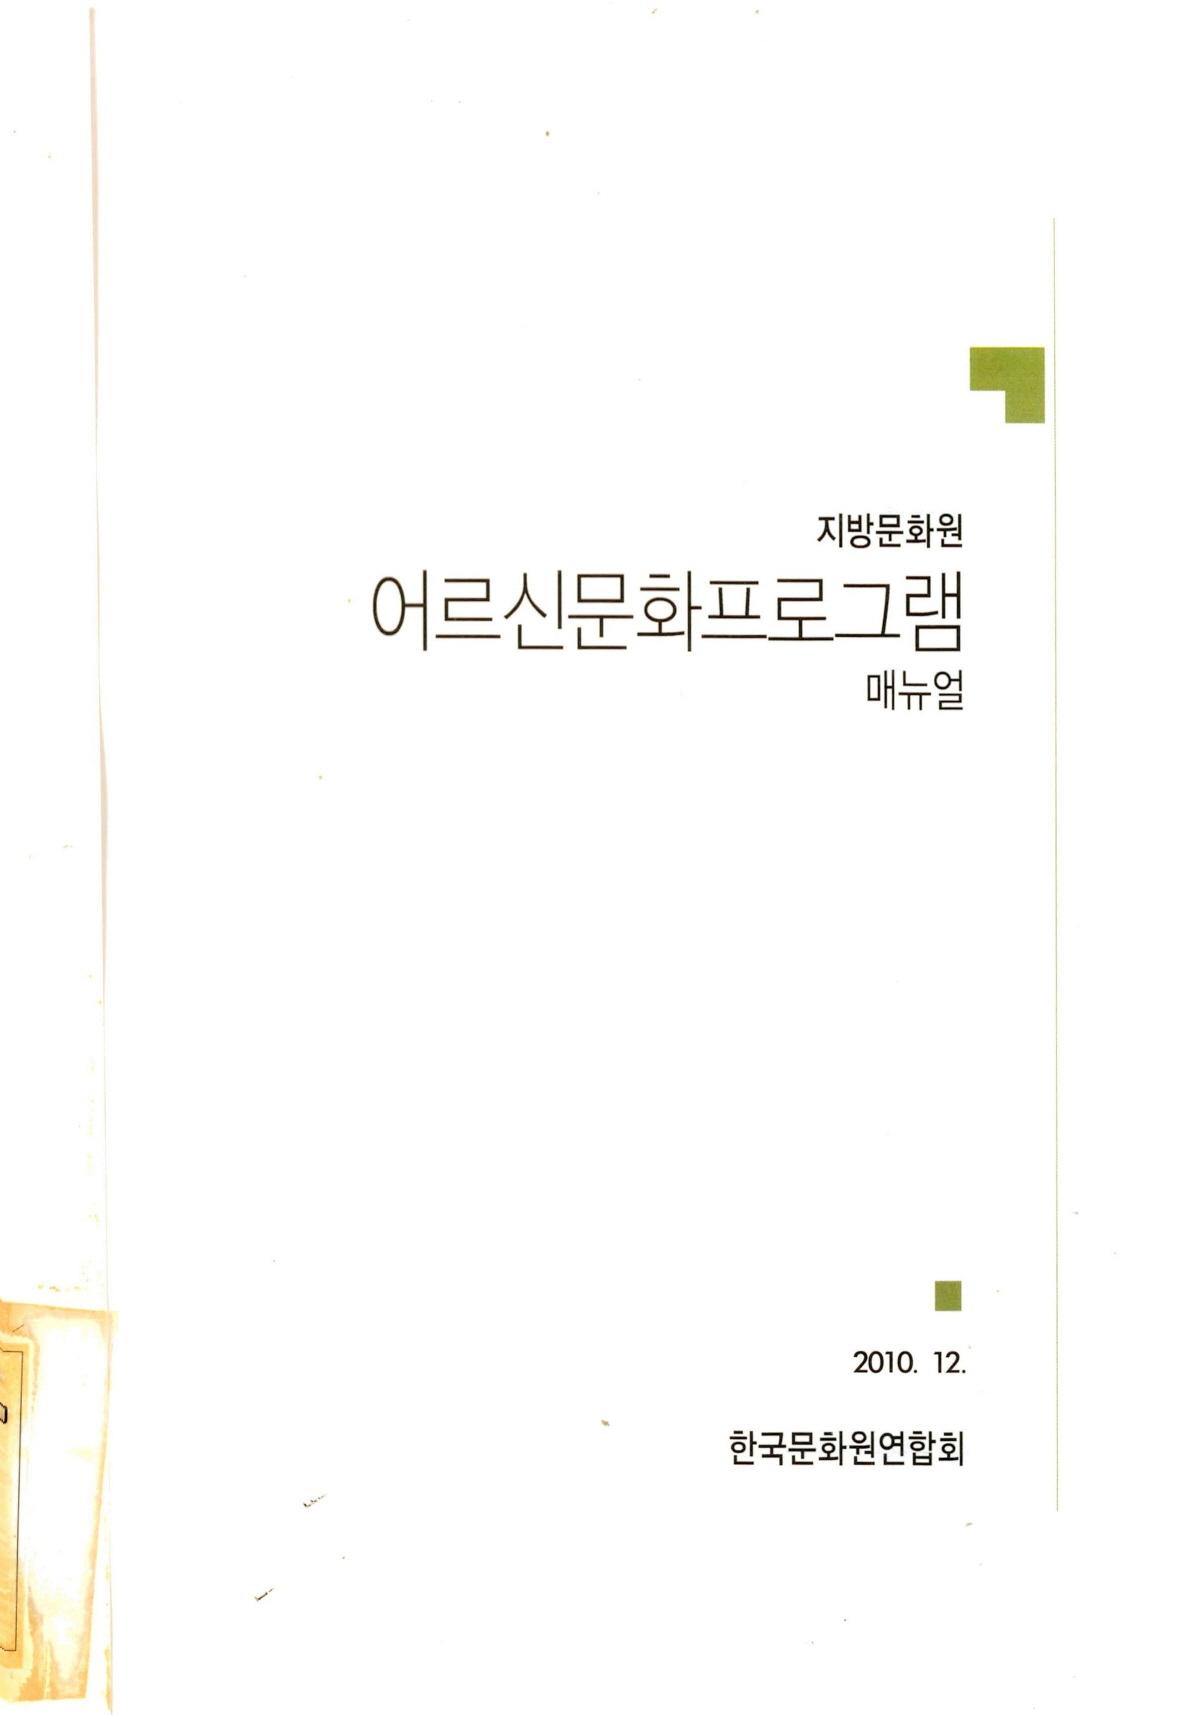 지방문화원 어르신문화프로그램 매뉴얼